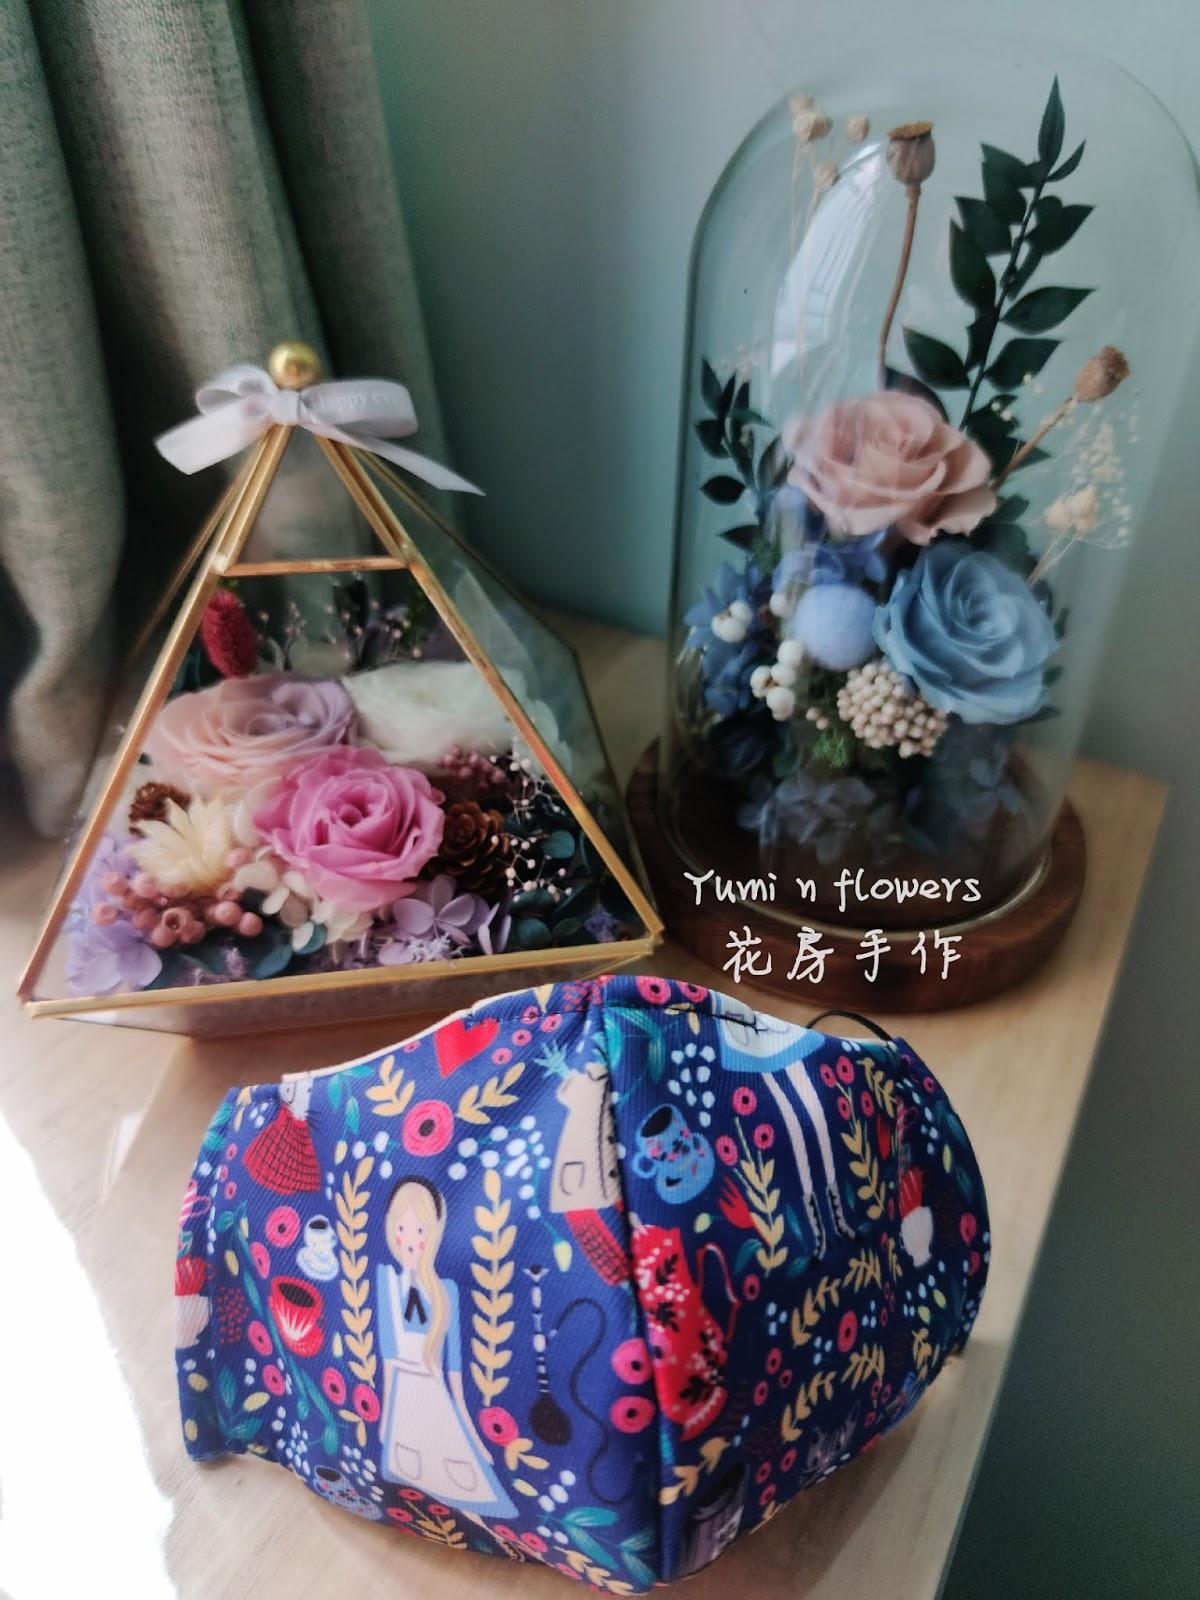 防水透氣布口罩預售   Yumi n flowers